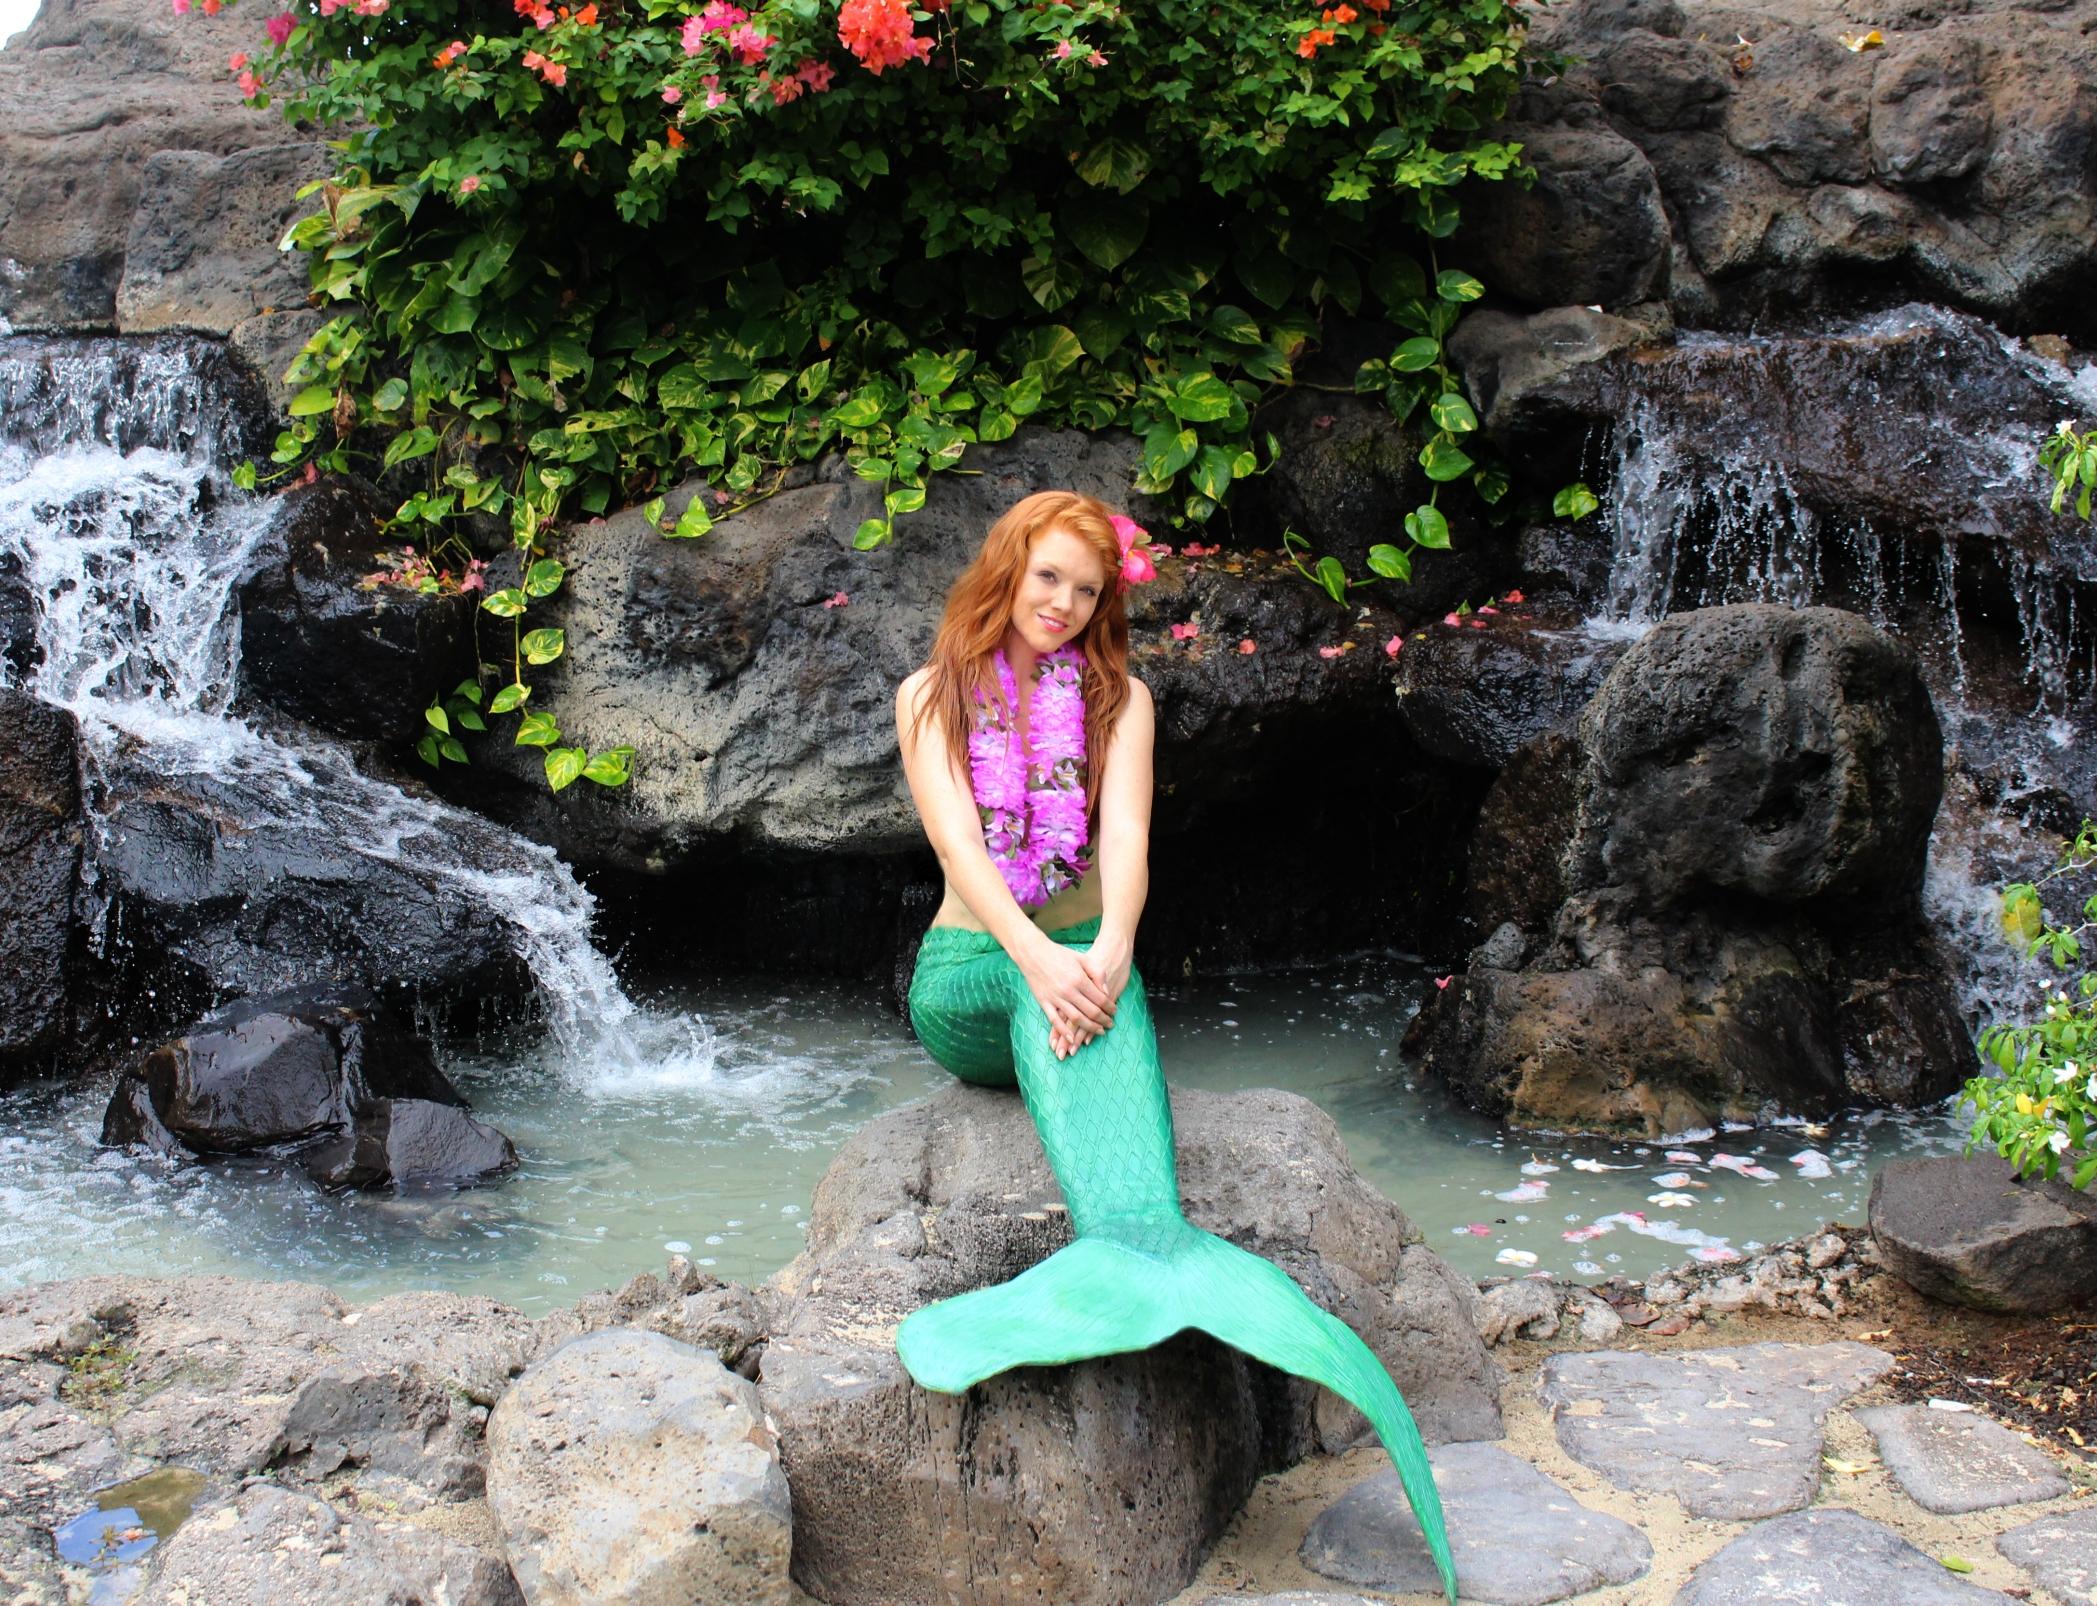 Hawaii fountain mermaid .jpg